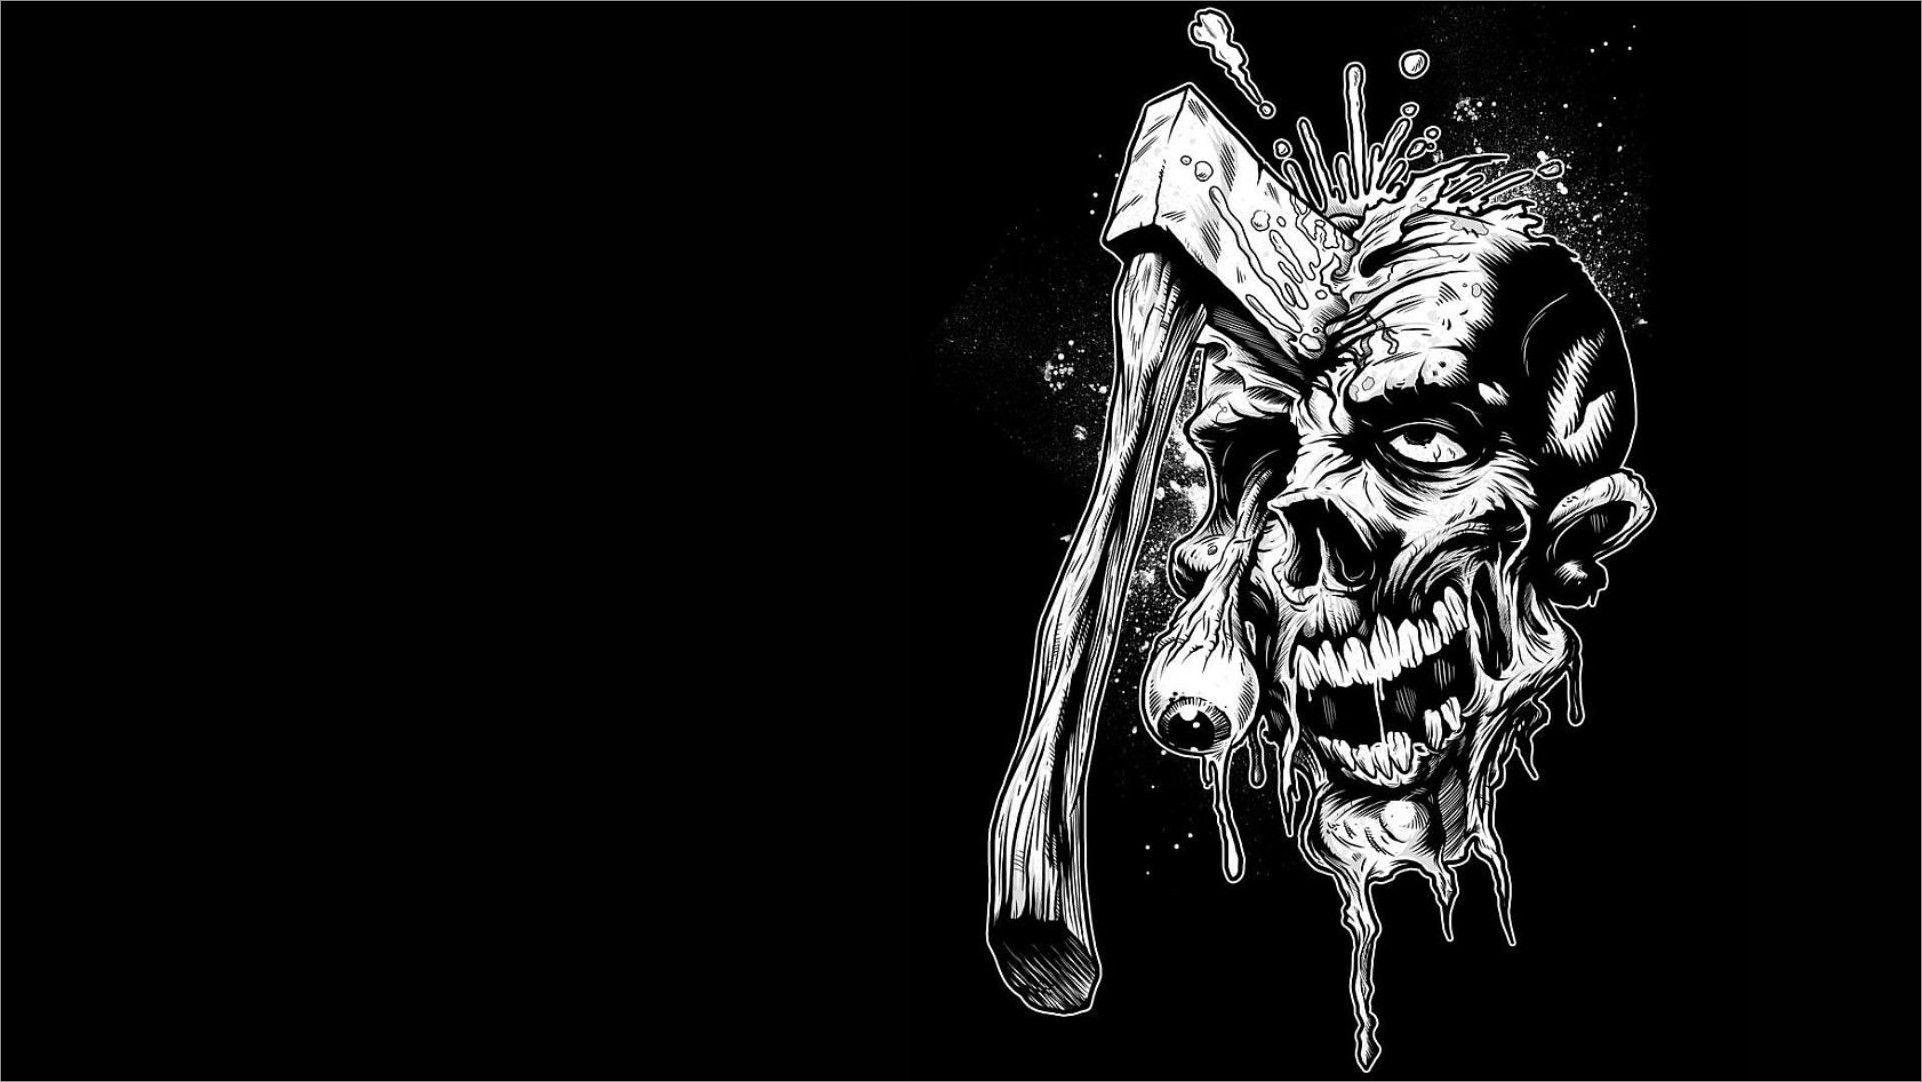 Zombie Mobile Hd Wallpaper Skull Wallpaper Hd Wallpaper Zombie Art